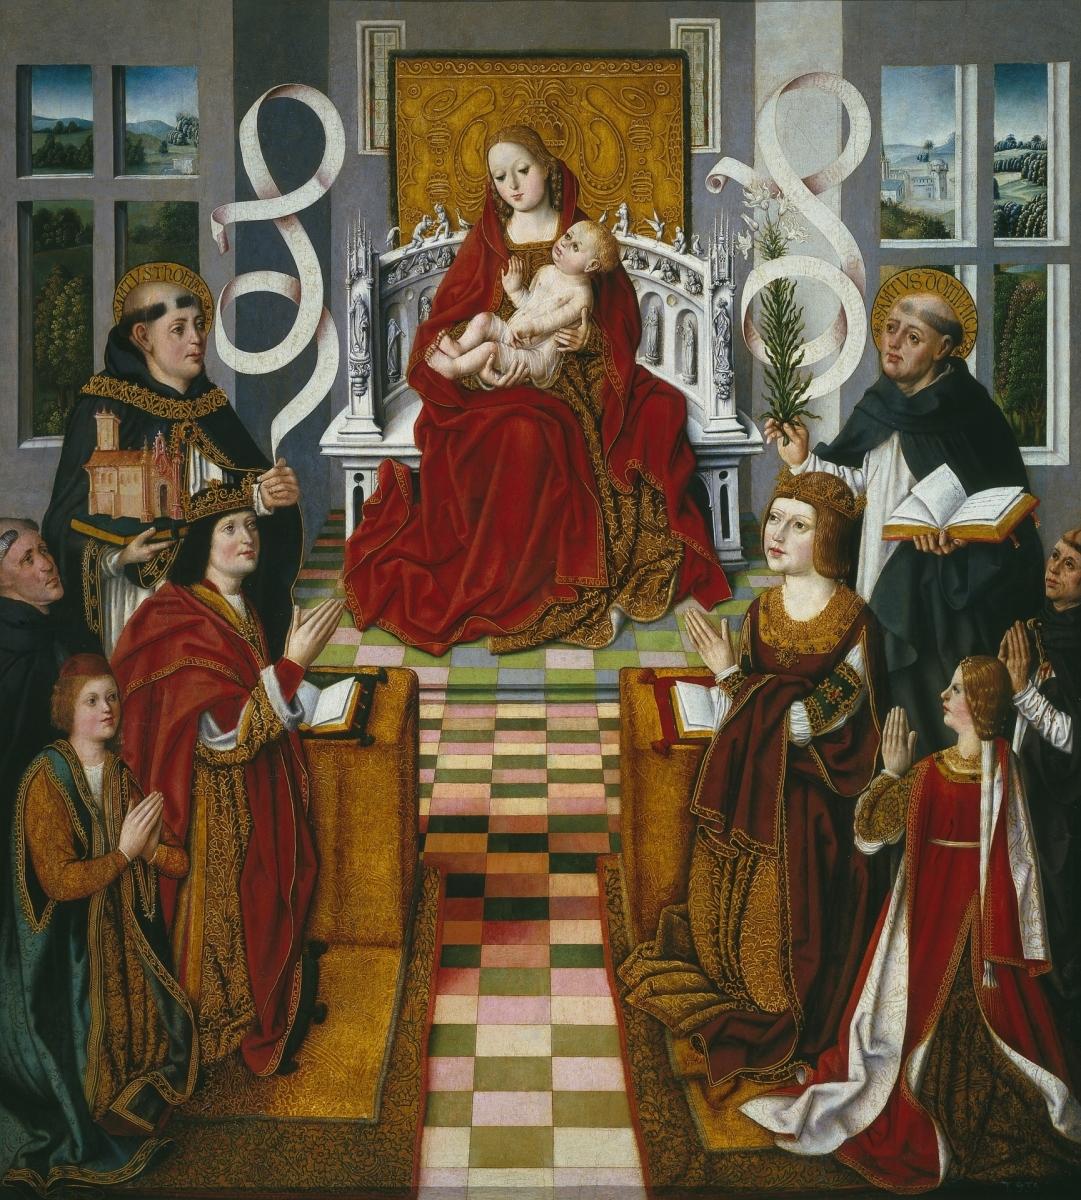 La Virgen de los Reyes Católicos